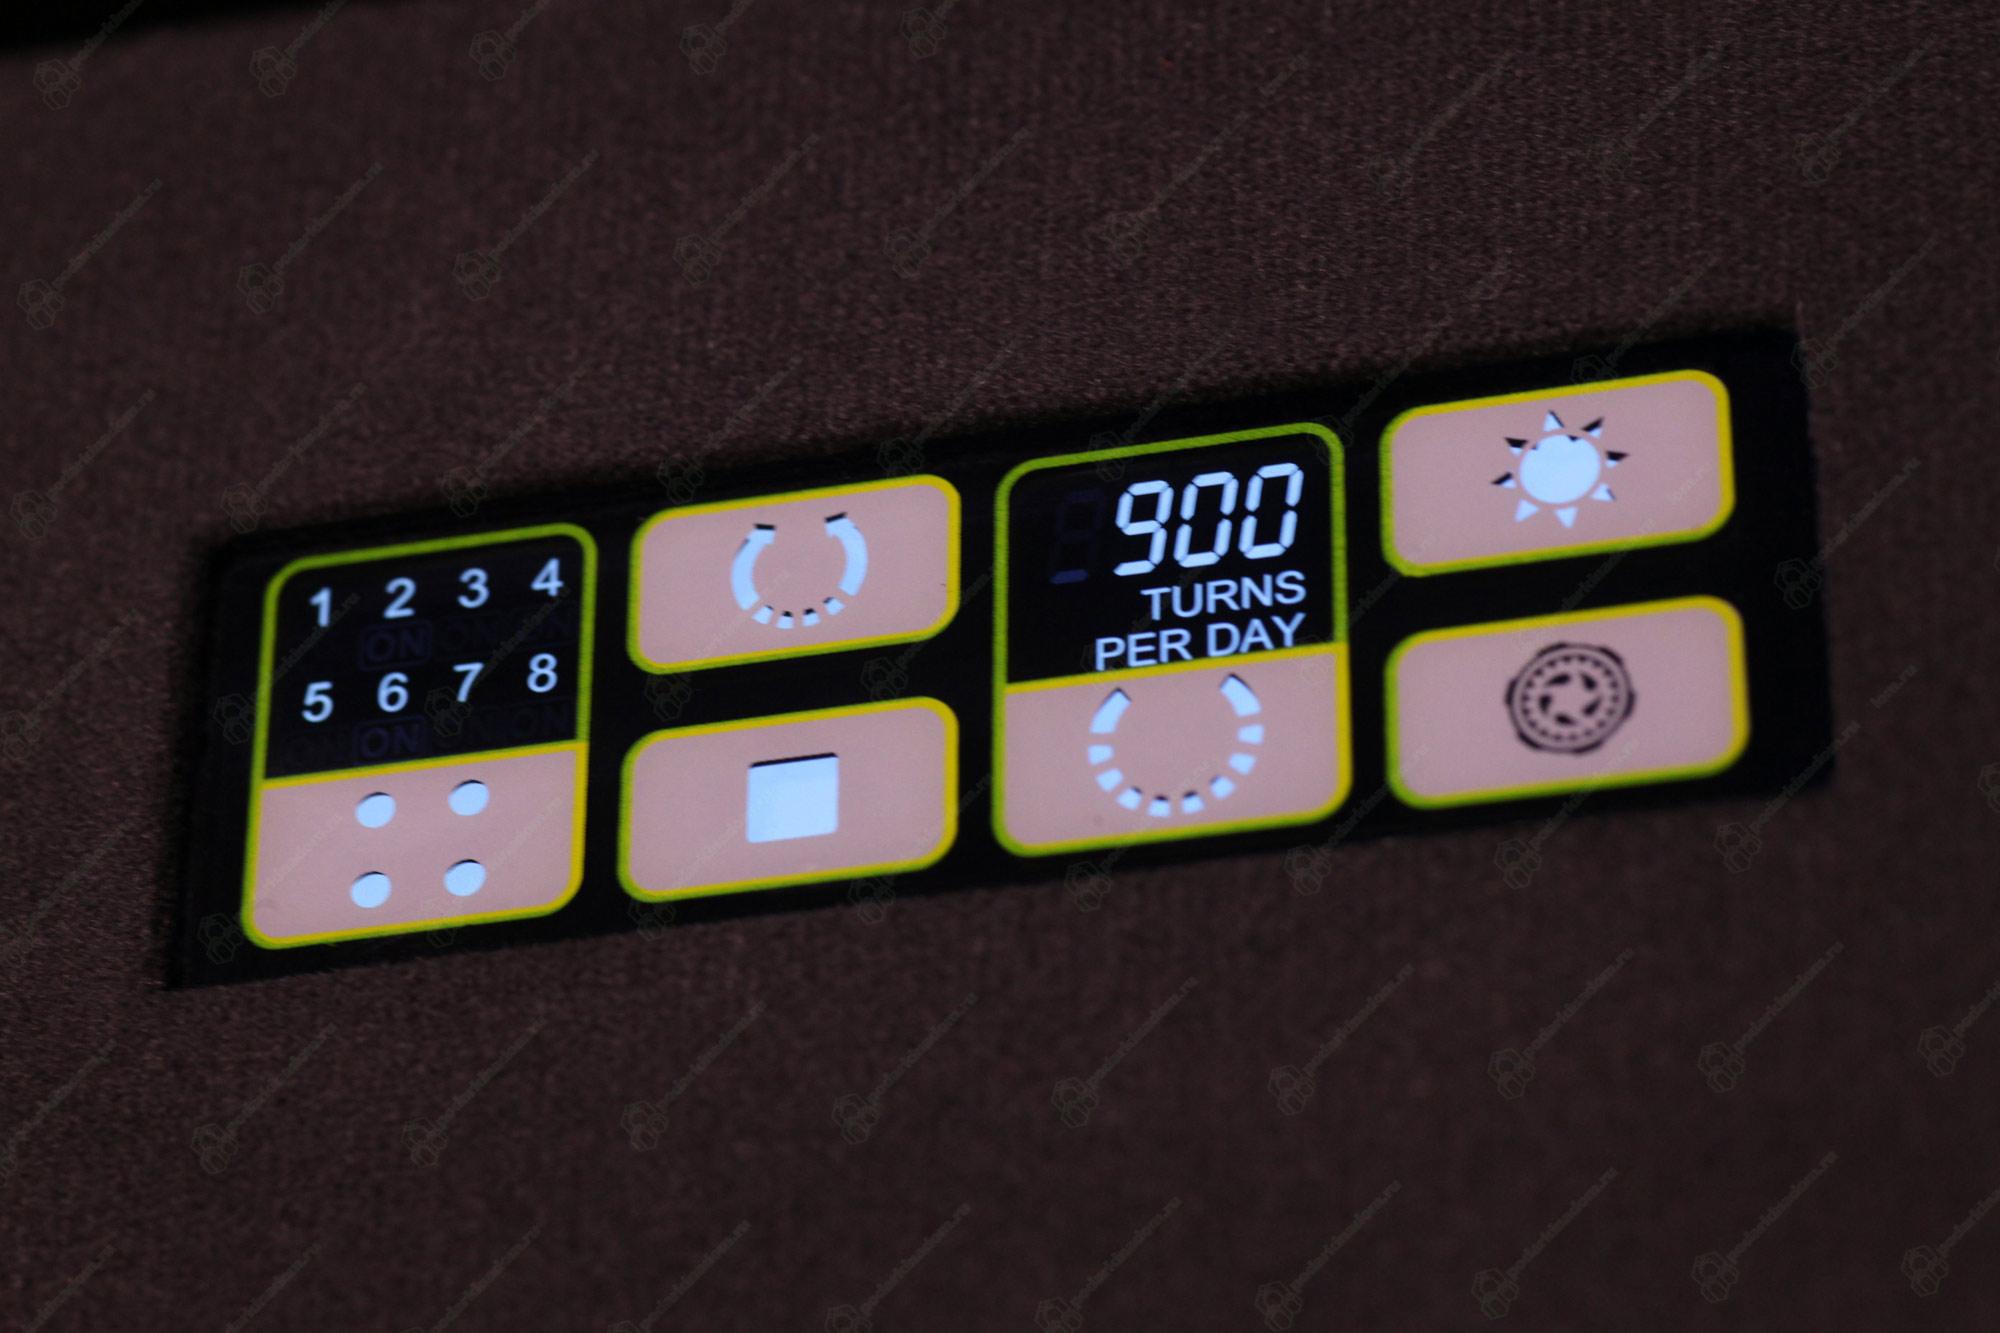 8.16.W Большая шкатулка для завода наручных механических часов. 8 индивидуальных ячеек для завода + 6 мест для статического хранения. Деревянный корпус покрыт белым лаком.